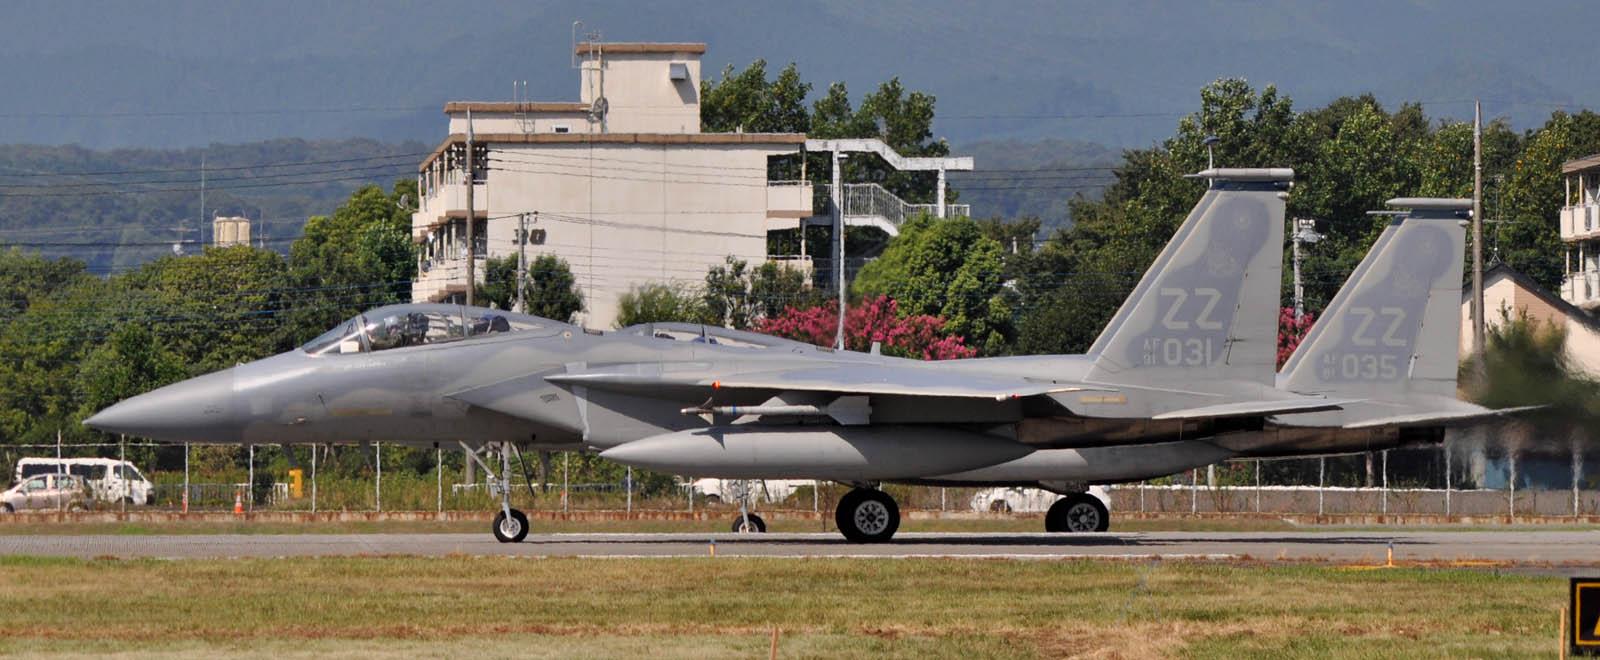 F15c120823g676